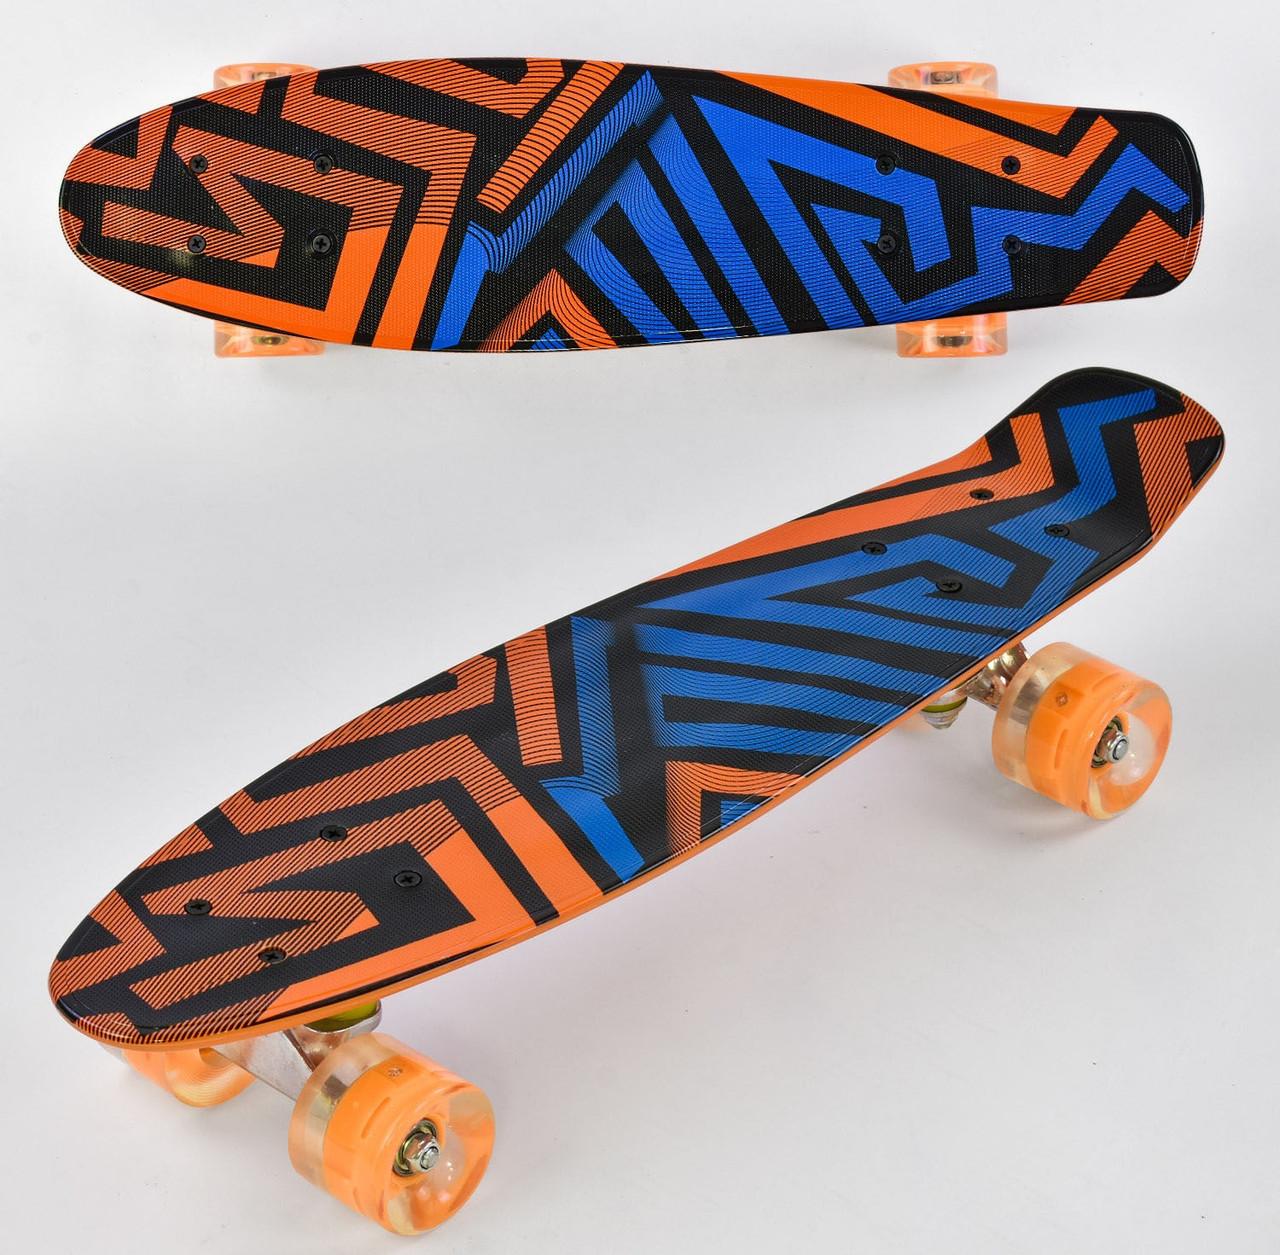 Детский скейт пенниборд с рисунком и светящимися бесшумными колёсами, Best Board F 7620